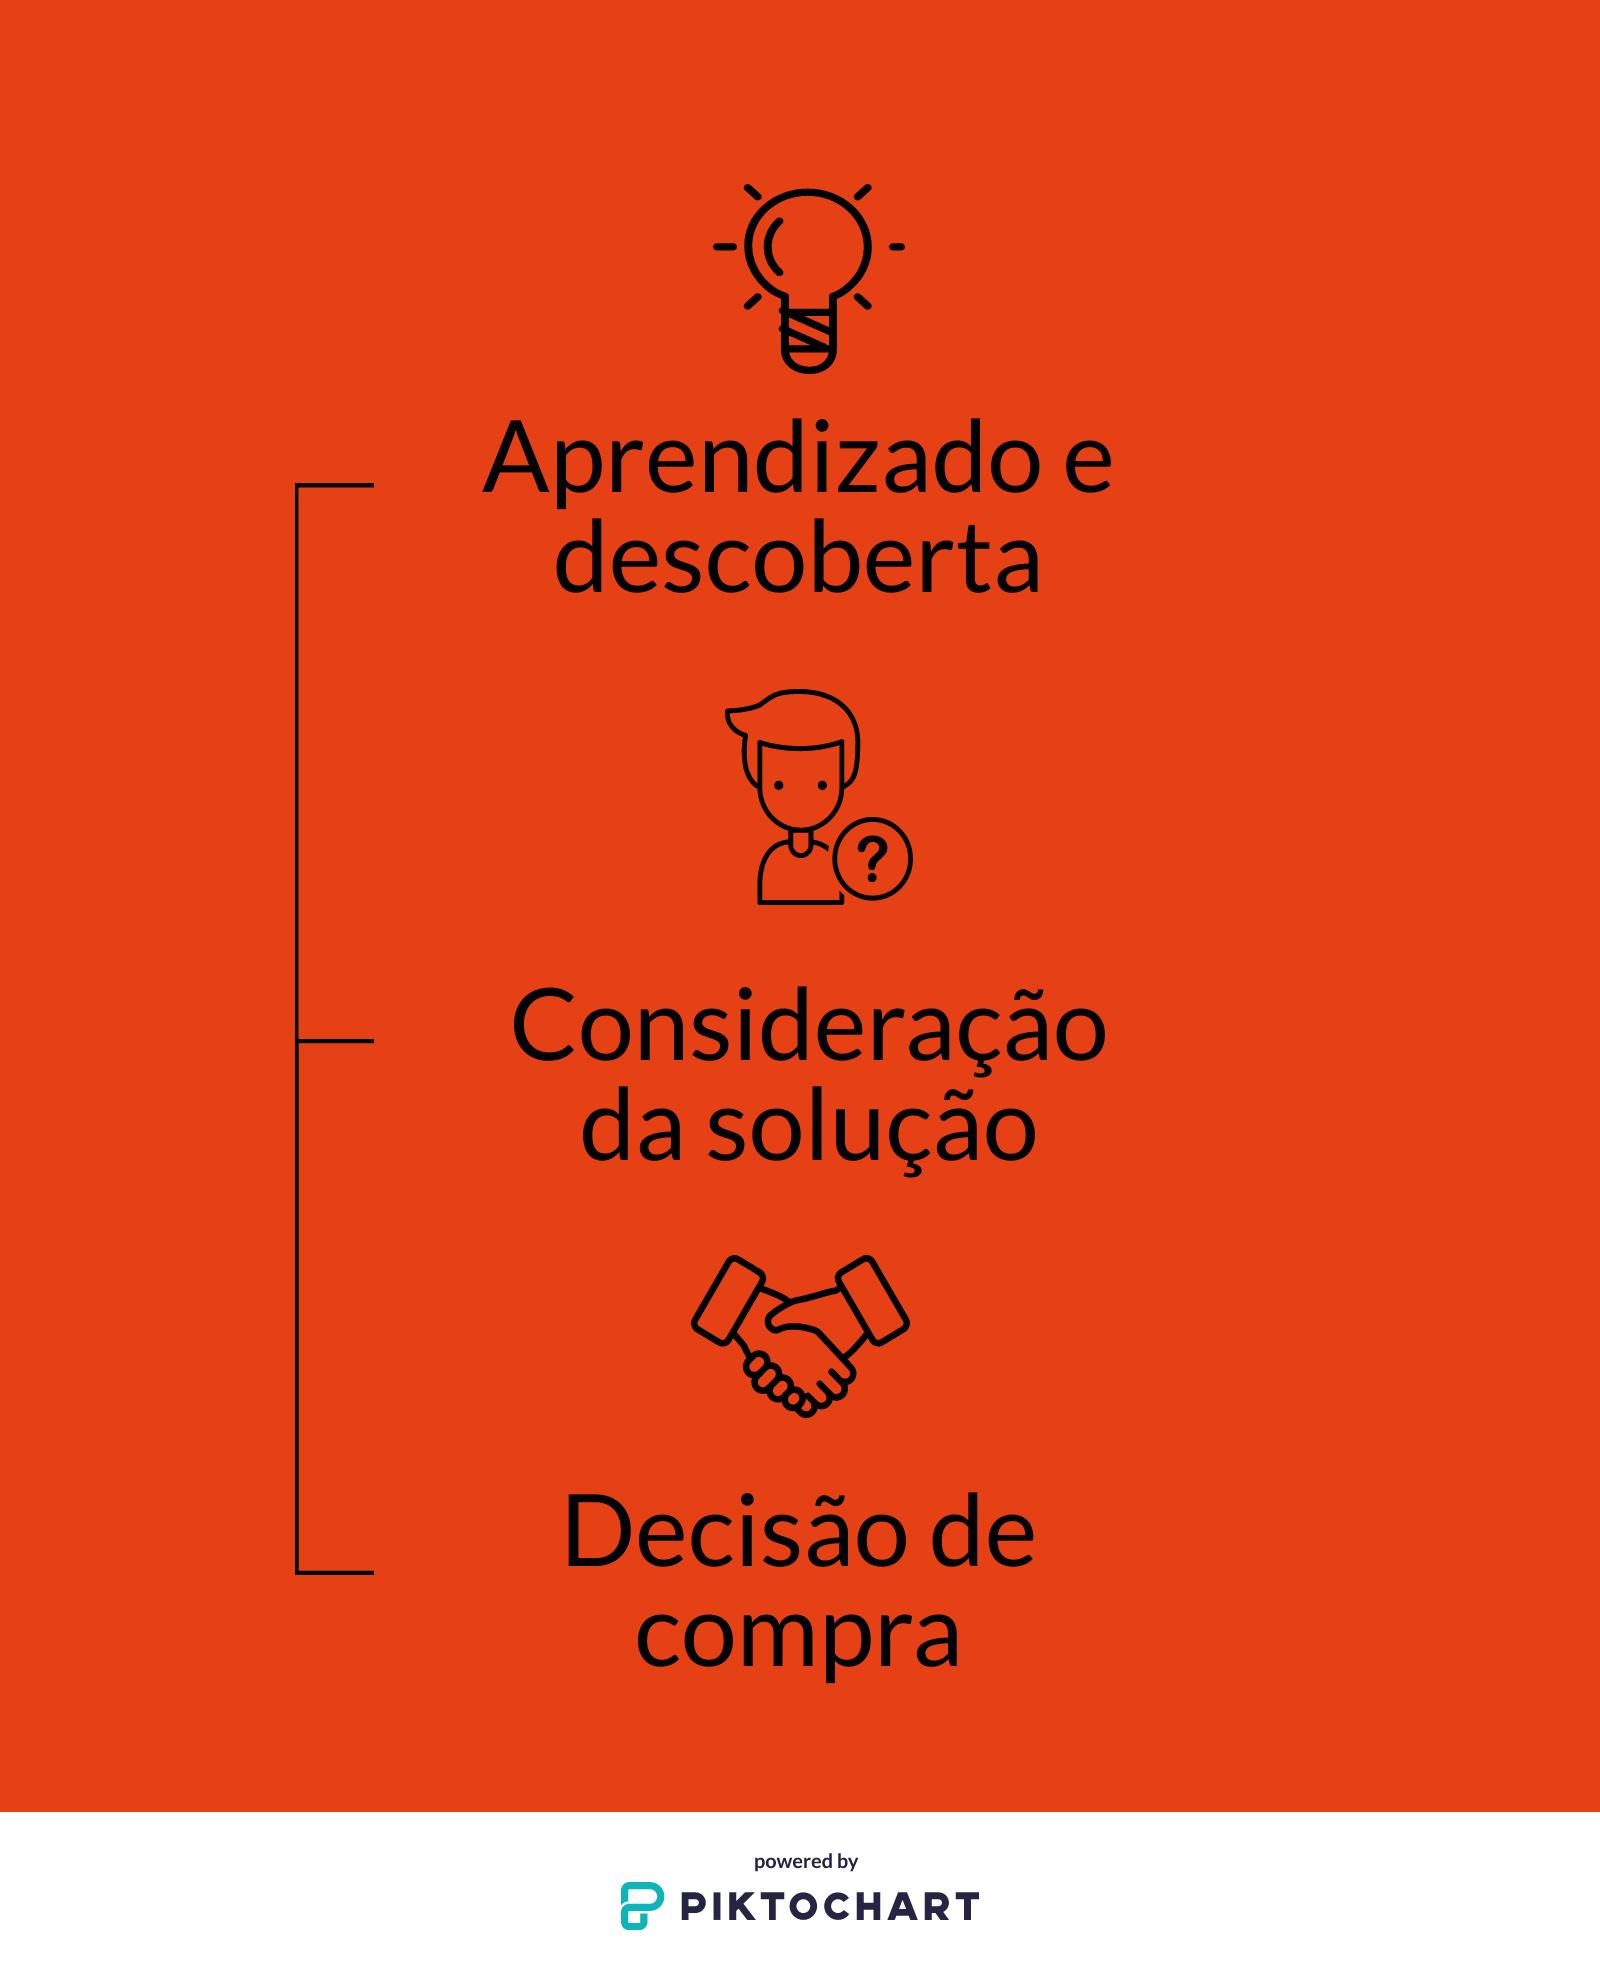 É preciso estar atento aos diversos passos na jornada do consumidor para utilizar a estratégia adequada em cada um deles.